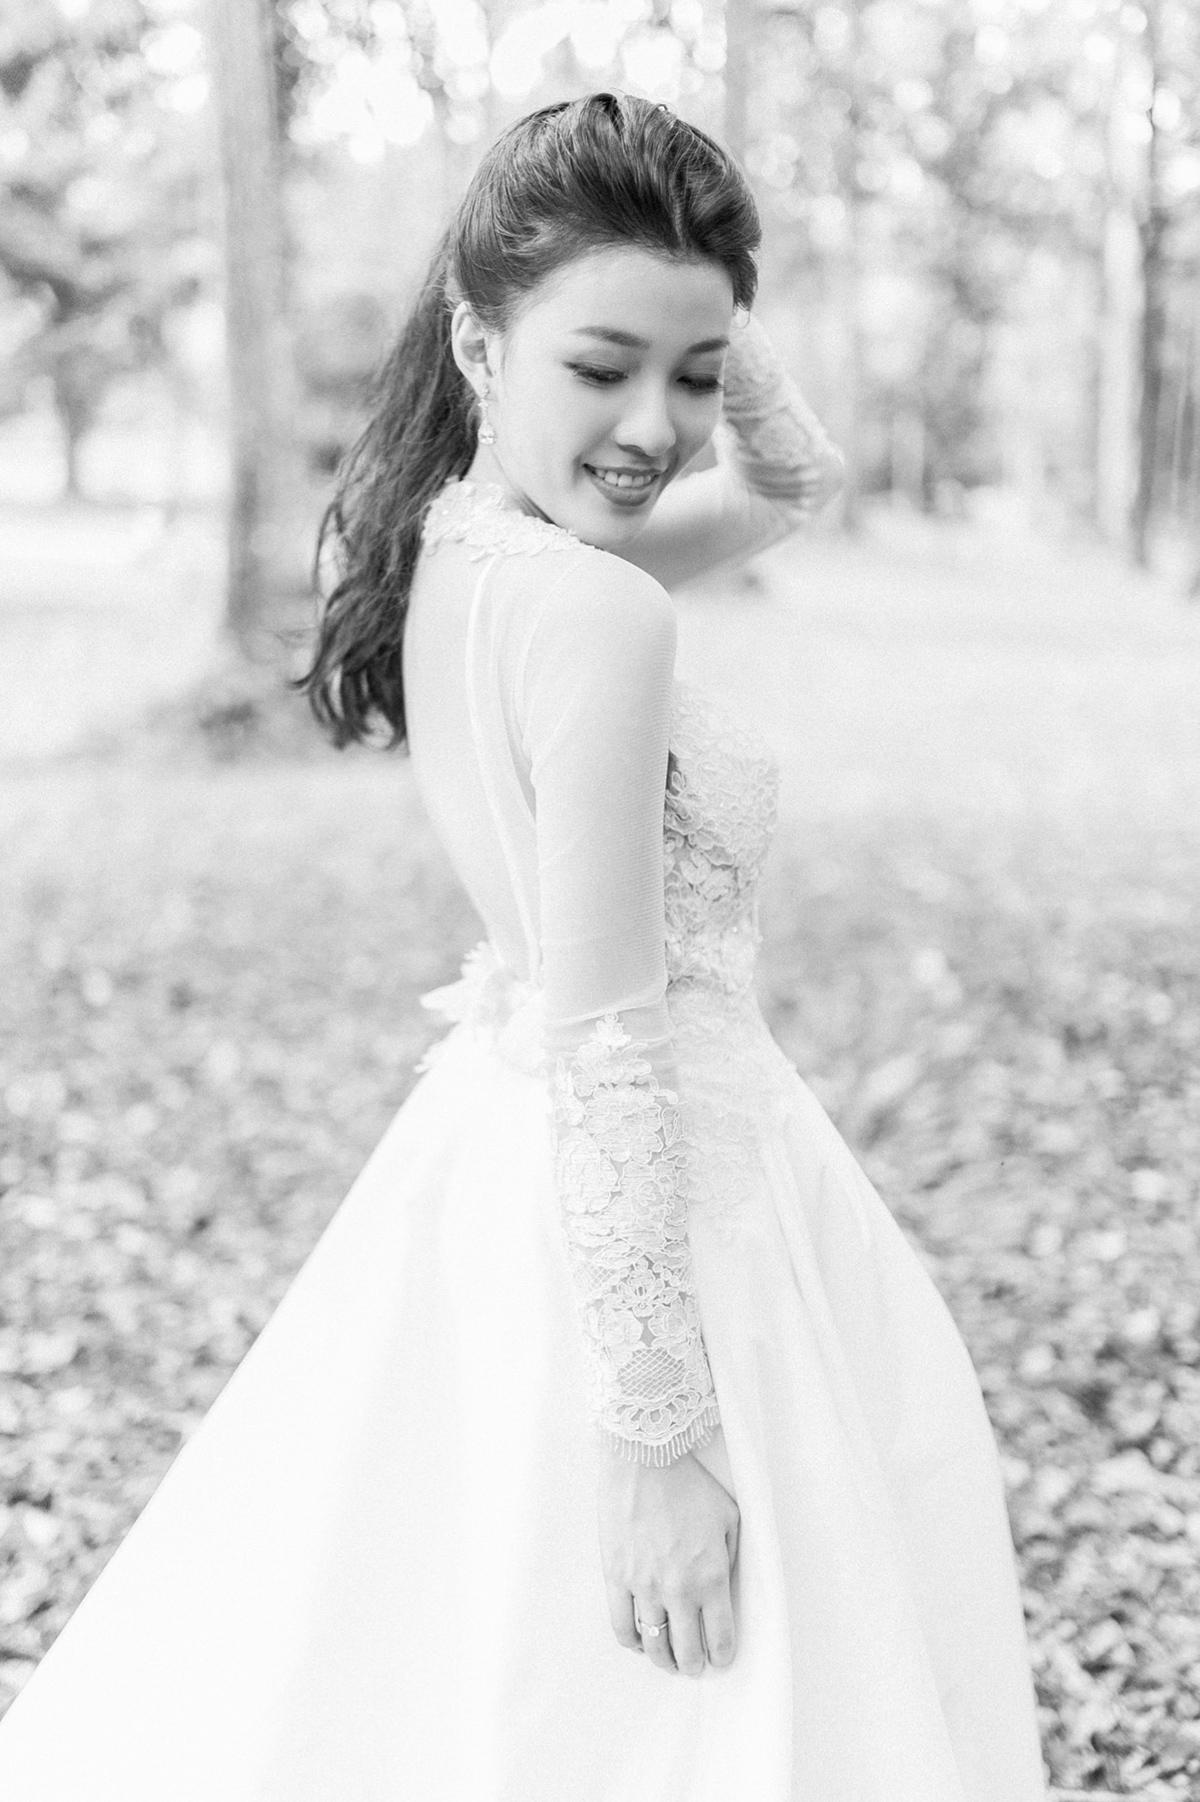 26-hellojanelee-malaysia-prewedding-frim-suvenn-penang-whimsical-vintage